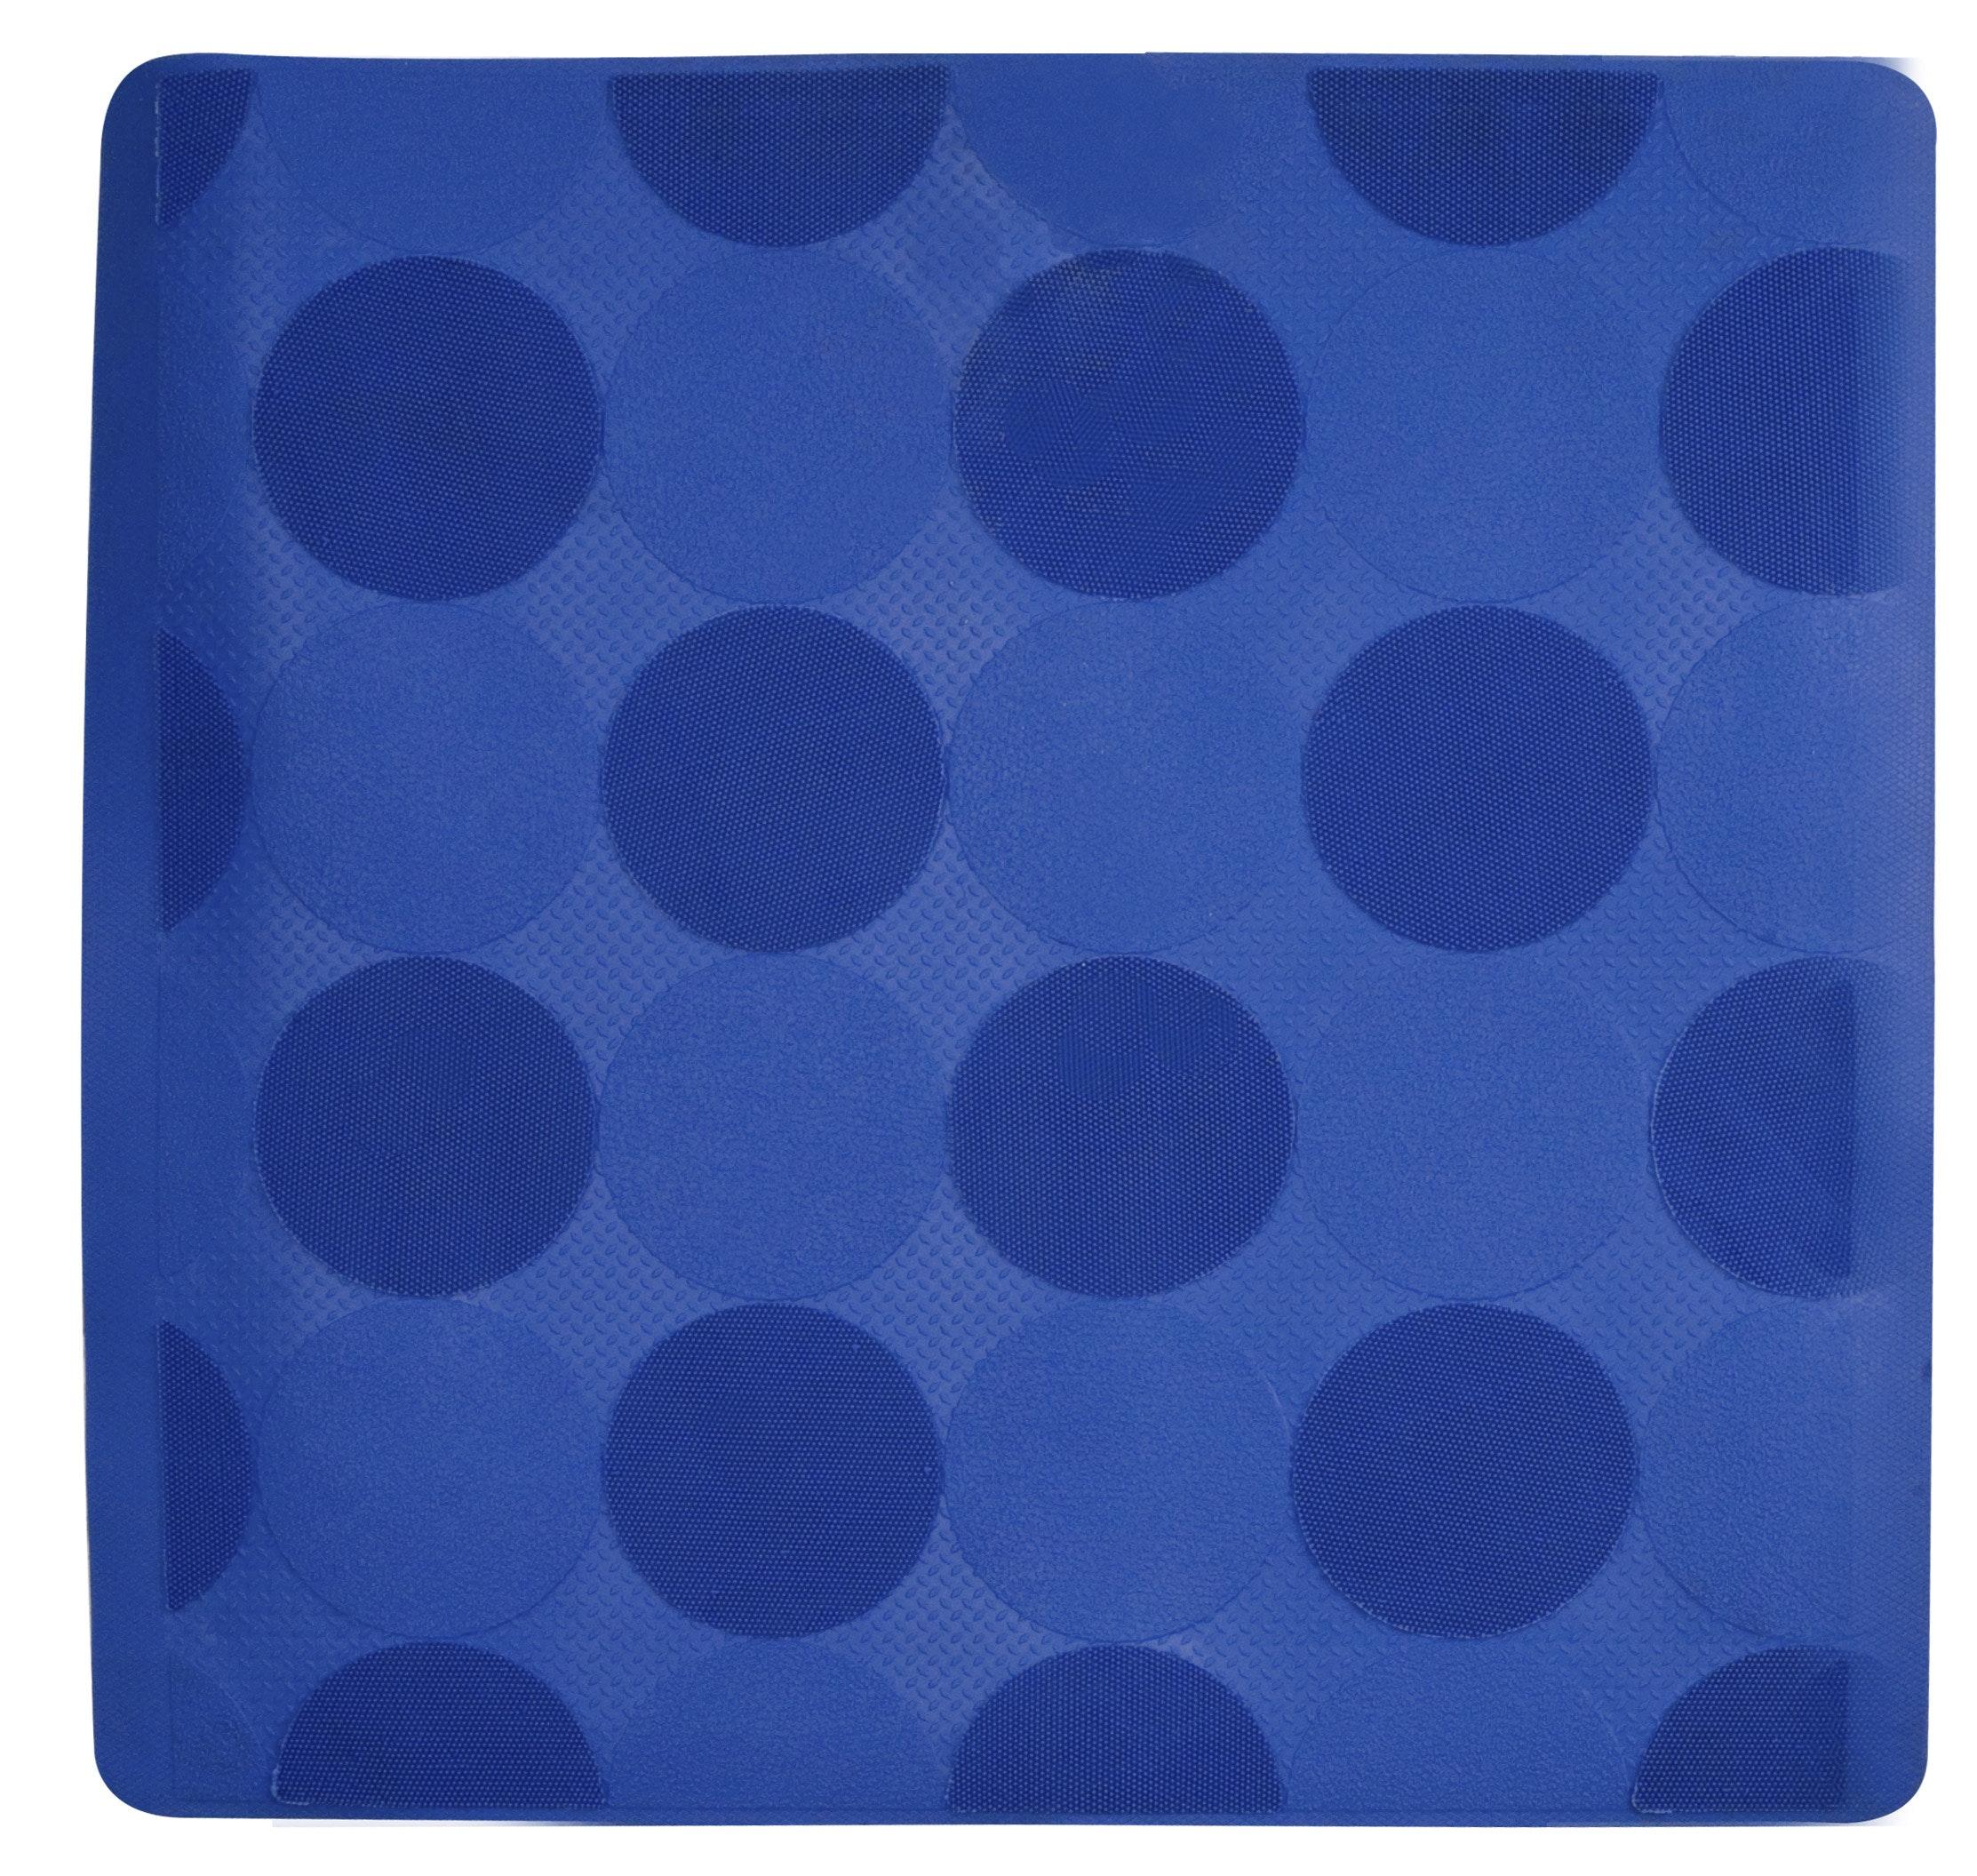 Halkmatta Duschy Blå 50x50 cm